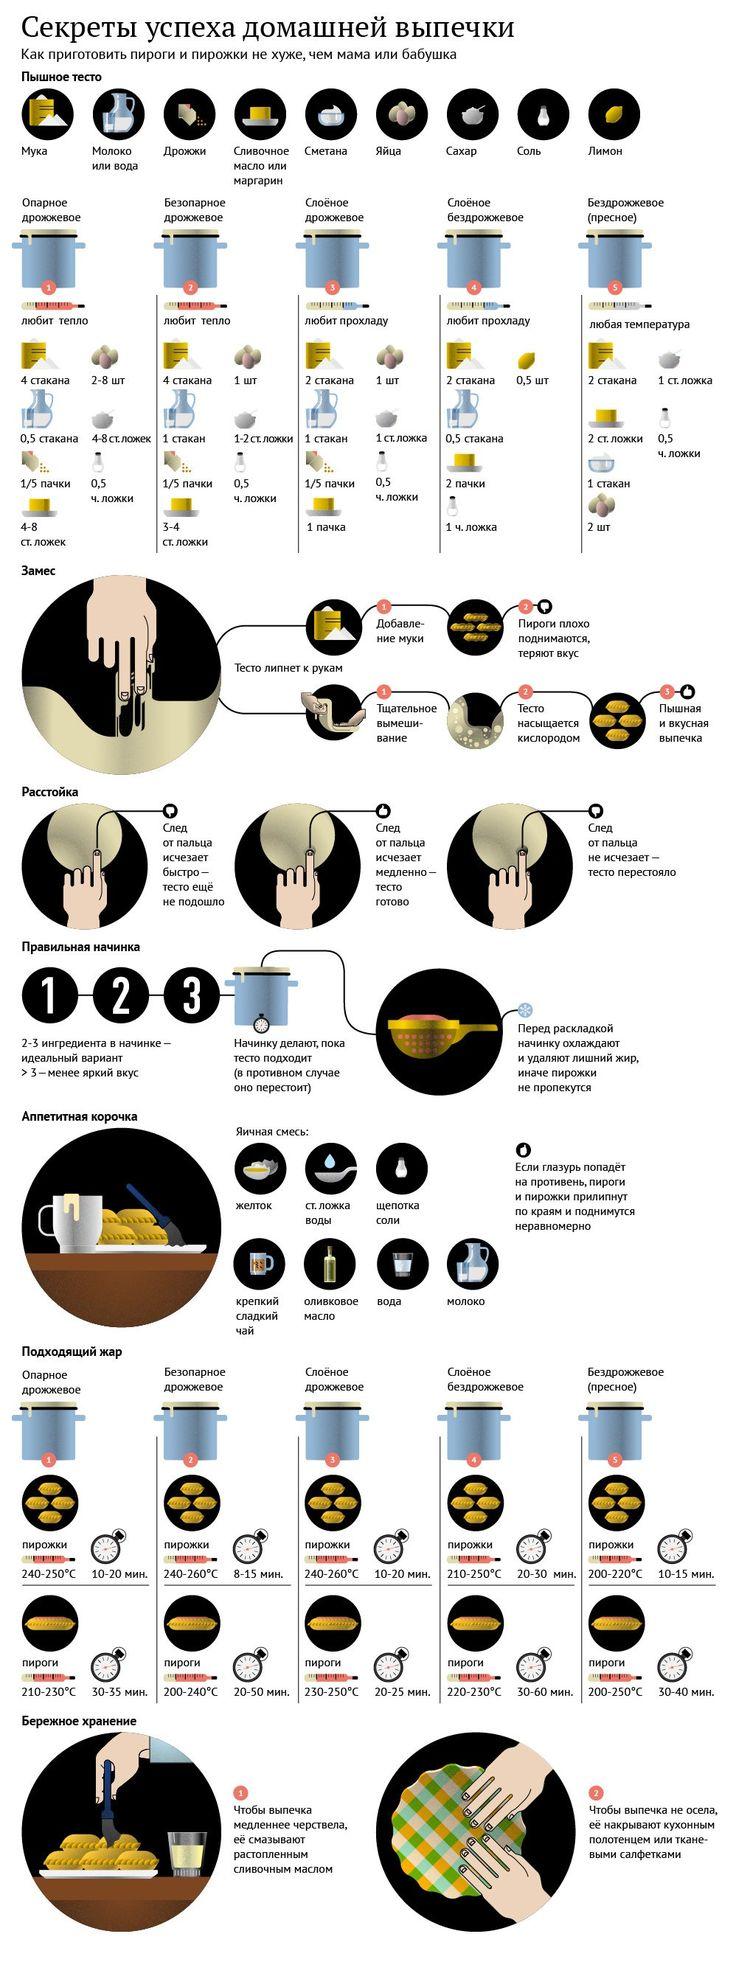 Инфографика о домашней выпечке. #edimdoma #infographics #cookery